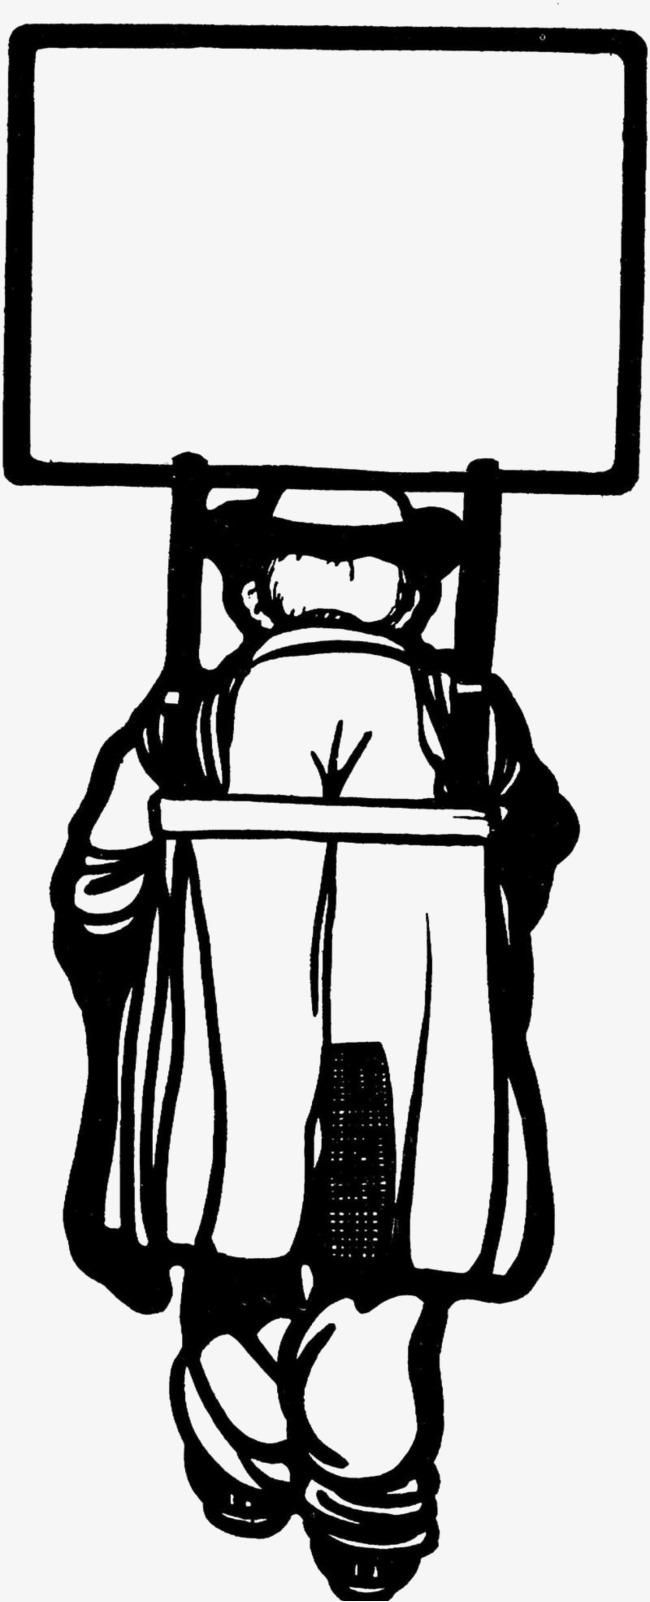 無料ダウンロードのための人物背景白黒イラスト 白黒 簡約 後ろ姿 png画像